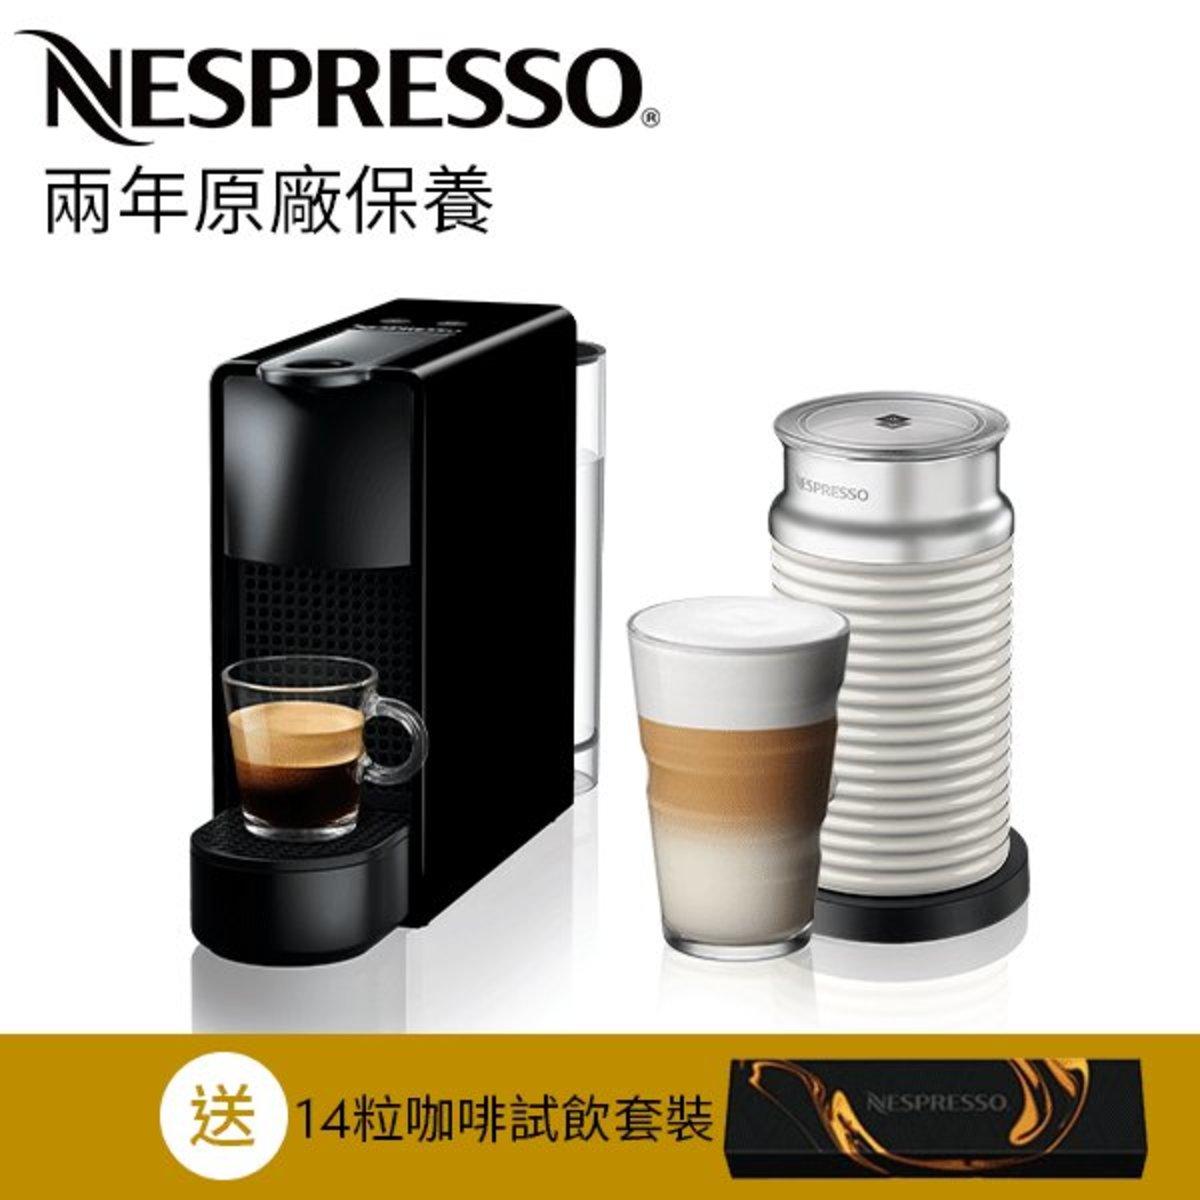 Essenza Mini 鋼琴黑色咖啡機 + Aeroccino3 白色打奶器